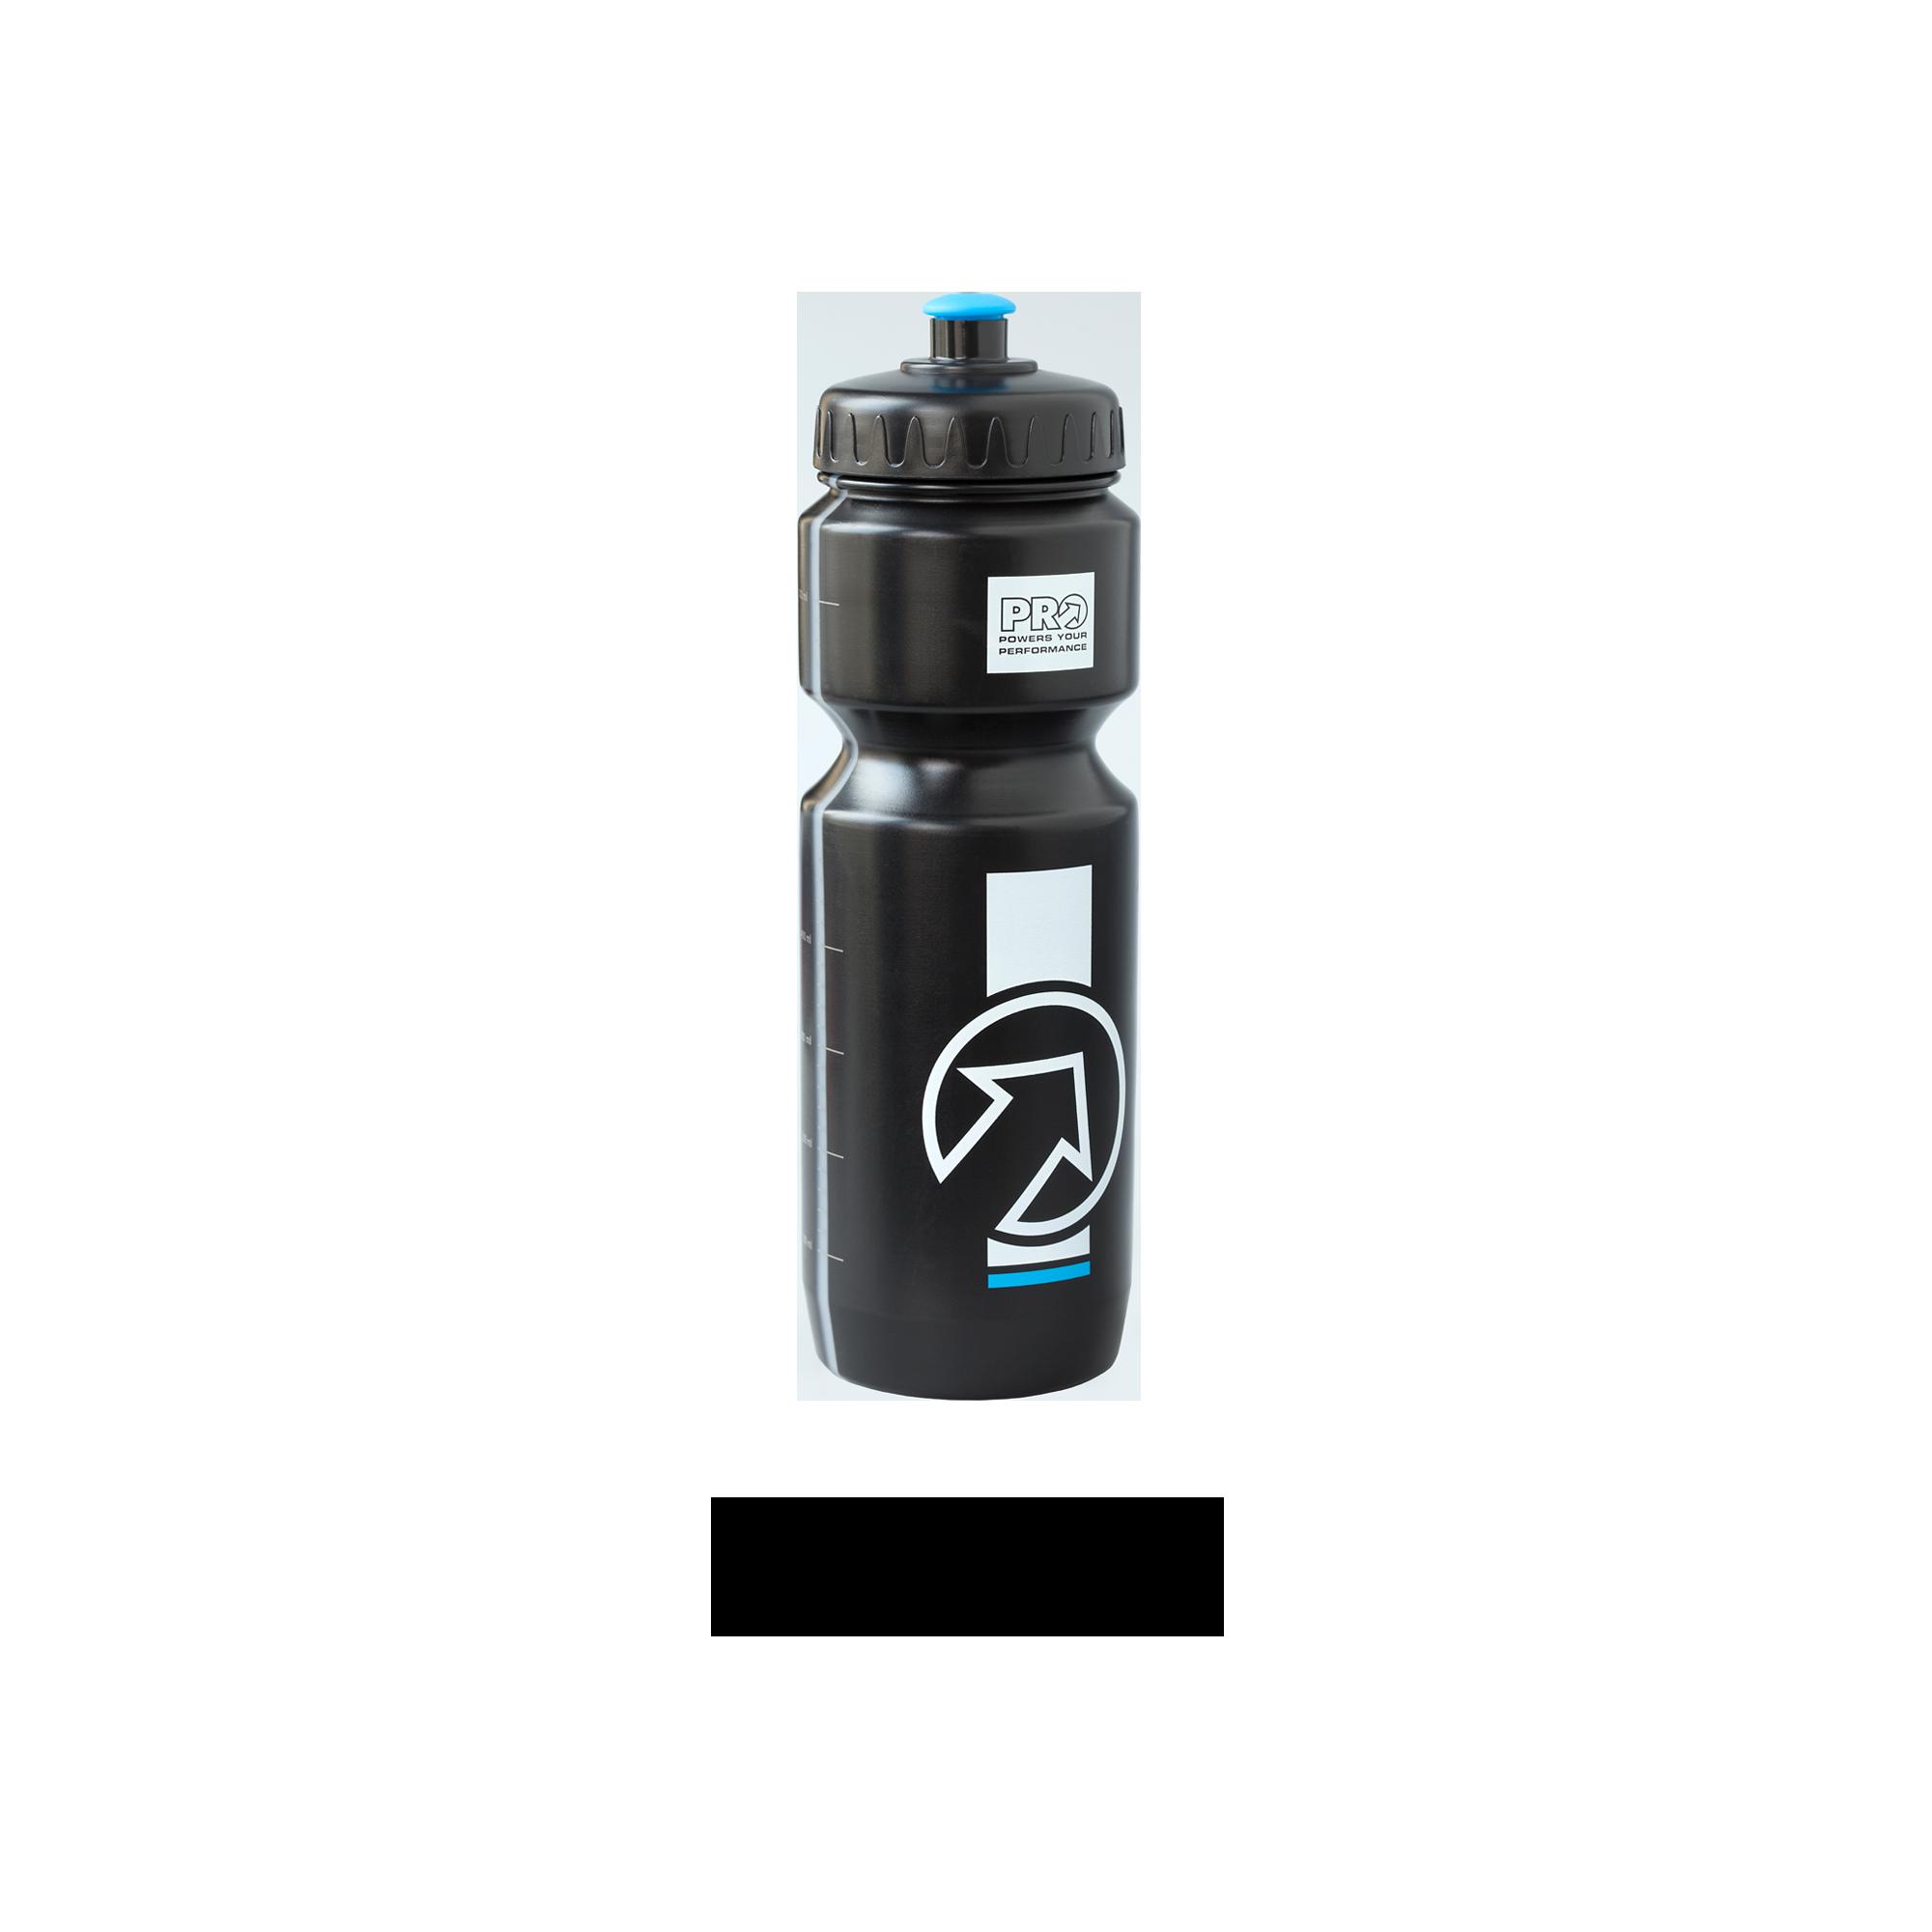 PRO láhev 800 ml, černá